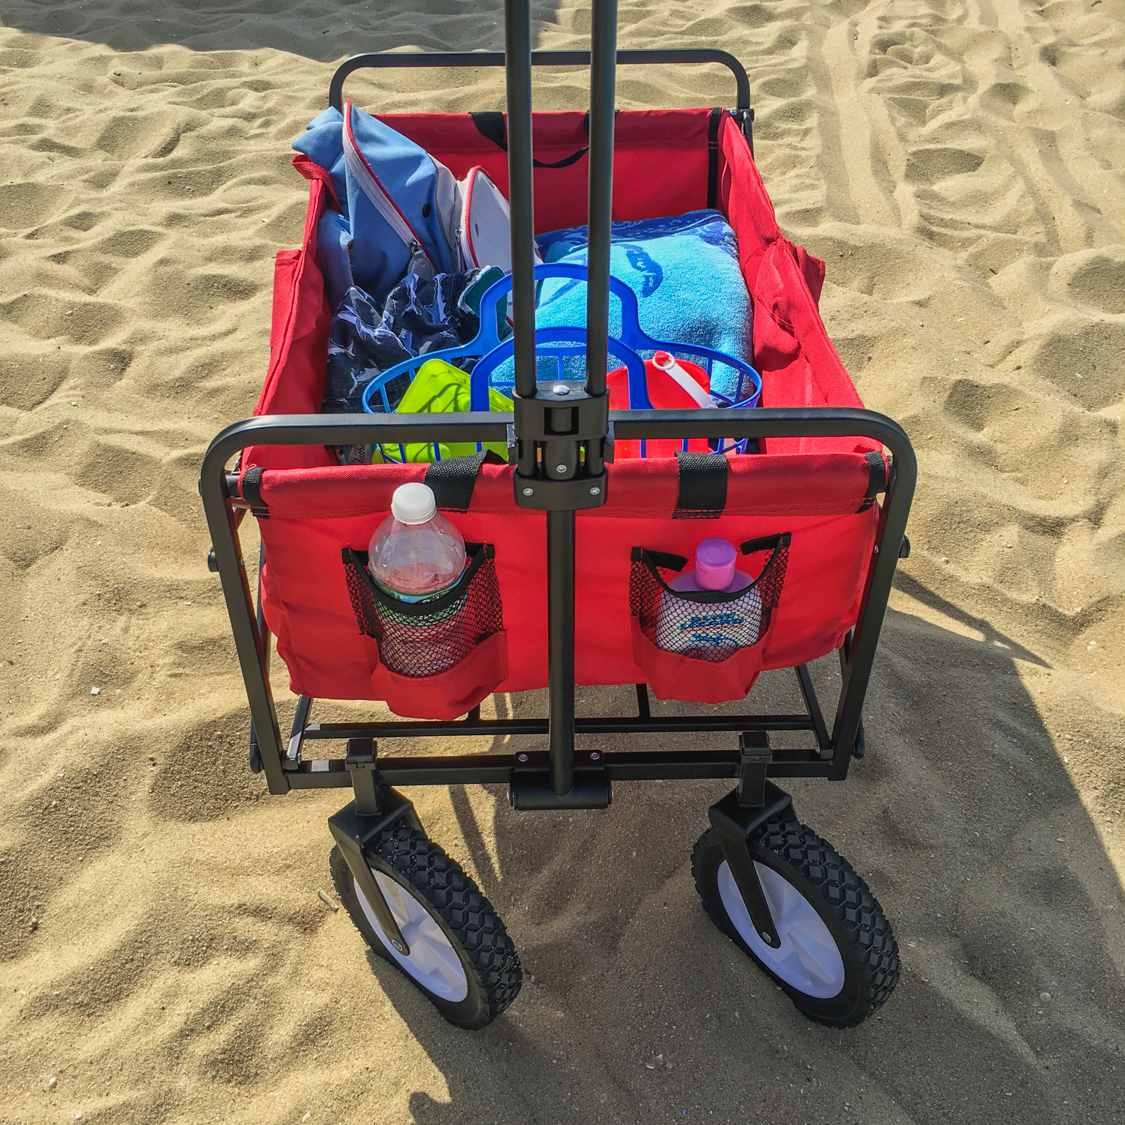 ca94dd40a7b0 The 6 Best Beach Wagons of 2019